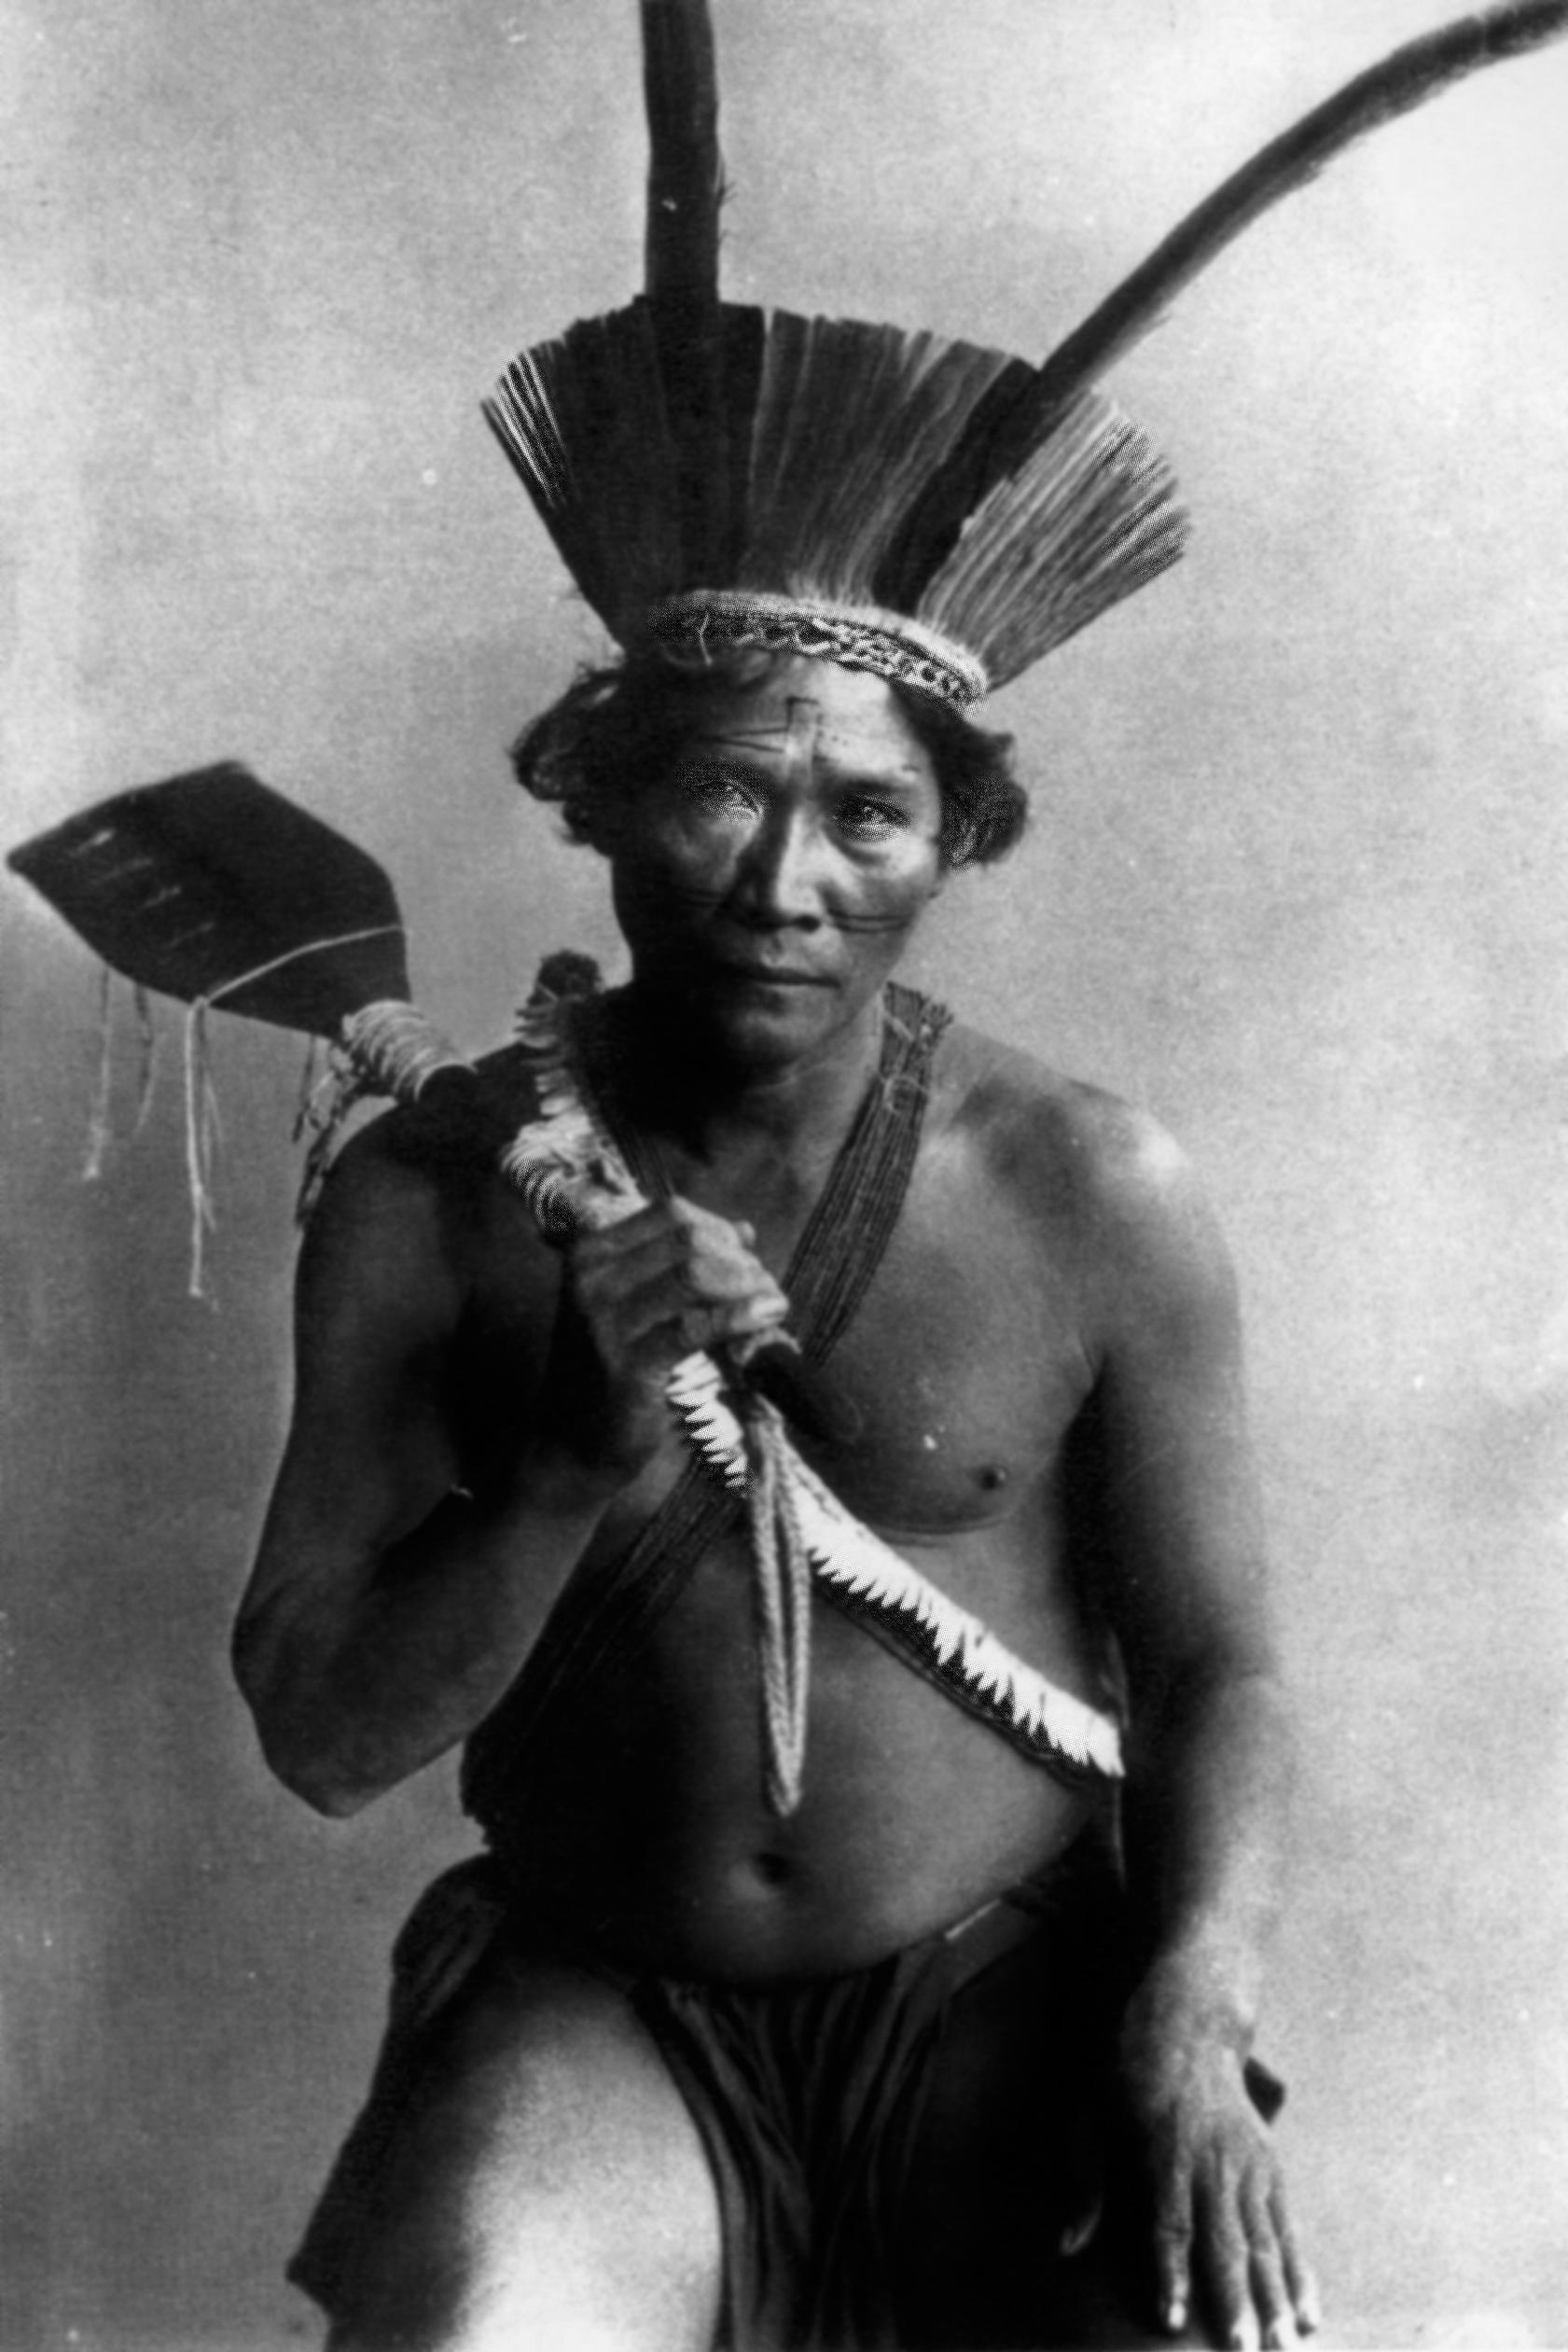 Ritratto di uomo del gruppo etnico amerindo Kalina | Pierre Petit, Parigi 1892